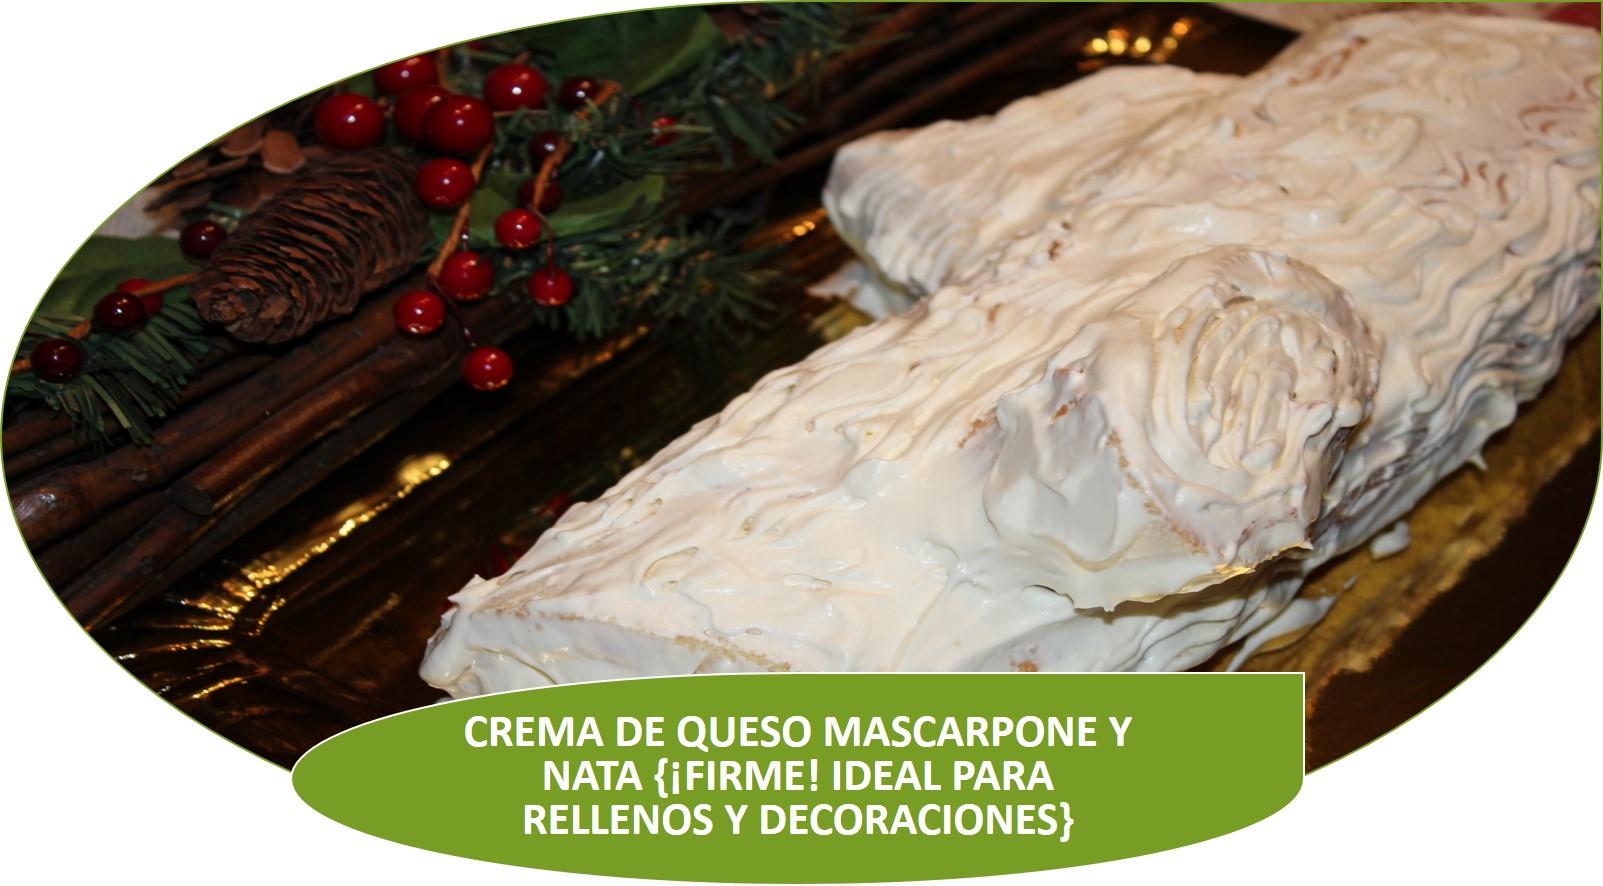 CREMA DE QUESO MASCARPONE Y NATA {¡FIRME! IDEAL PARA RELLENOS Y DECORACIONES}